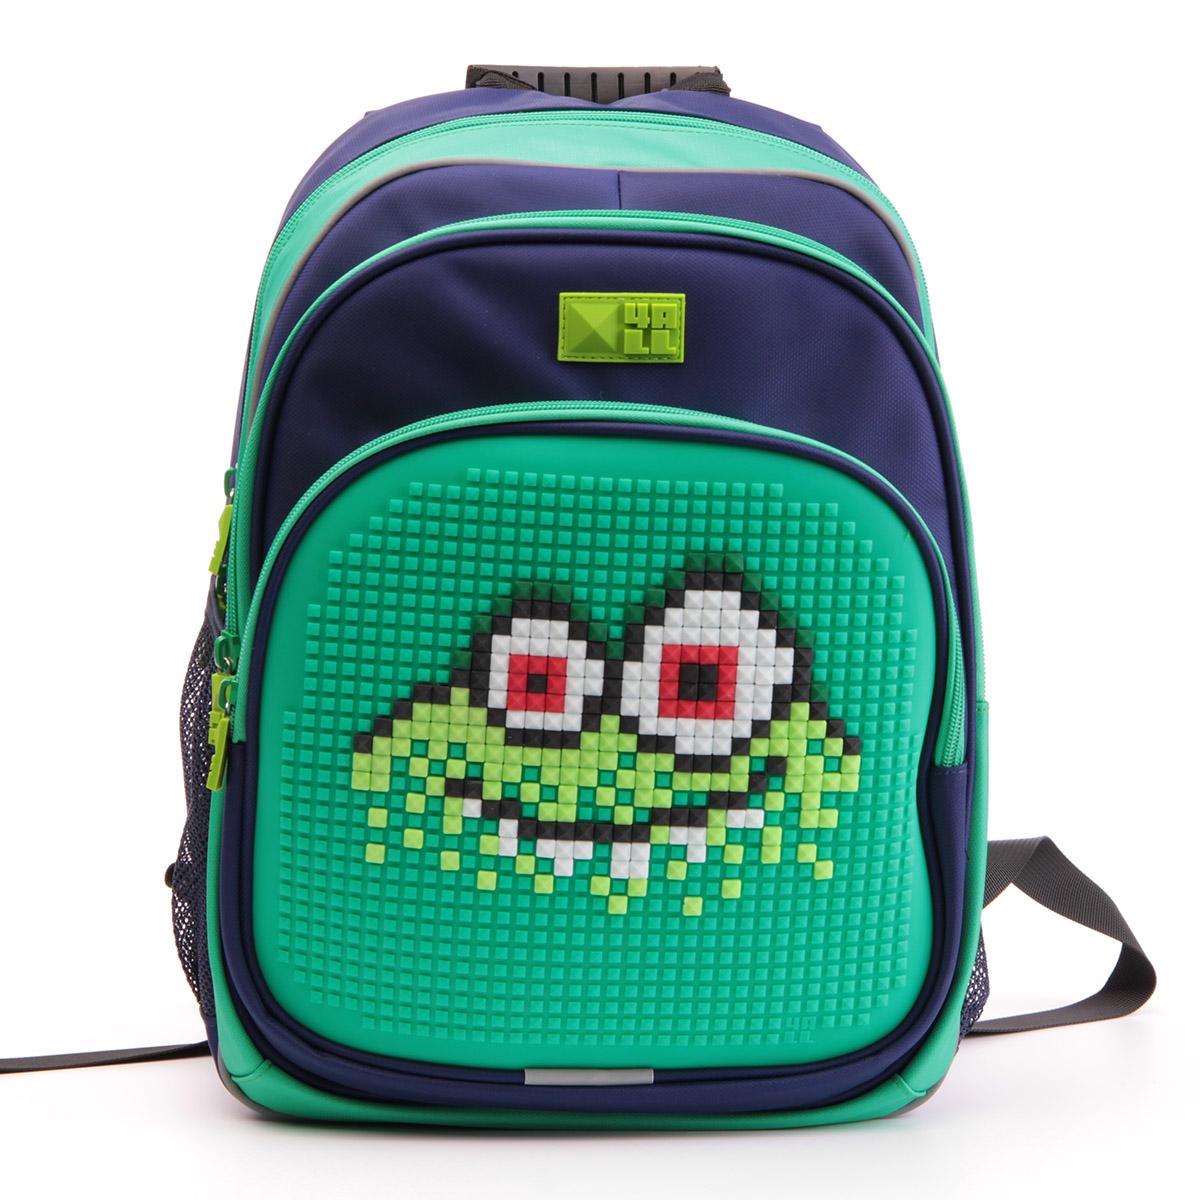 4ALL Рюкзак Kids цвет зеленый темно-синий72523WDРюкзак 4ALL - это одновременно яркий, функциональный школьный аксессуар и площадка для самовыражения. Уникальные рюкзаки Kids имеют гипоаллергенную силиконовую панель и разноцветные мозаичные биты, с помощью которых на рюкзаке можно создавать графические шедевры хоть каждый день!Модель выполнена из полиэстера с водоотталкивающей пропиткой. Рюкзак имеет 2 отделения, снаружи расположены 3 кармана (передний - на молнии, боковые - сетчатые). Система Air Comfort System обеспечивает свободную циркуляцию воздуха между задней стенкой рюкзака и спиной ребенка. Система Ergo System служит равномерному распределению нагрузки на спину ребенка, сохранению правильной осанки. Она способна сделать рюкзак, наполненный учебниками, легким.Ортопедическая спинка как корсет поддерживает позвоночник, правильно распределяя нагрузку. Простая и удобная конструкция спины и лямок позволяет использовать рюкзак даже деткам от 3-х лет.Светоотражающие вставки отвечают за безопасность ребенка в темное время суток.В комплекте 1 упаковка разноцветных пикселей-битов (300 штук) и инструкция для создания базовой картинки. Работа с мелкими битами позволяет дополнительно развивать мелкую моторику рук малыша.